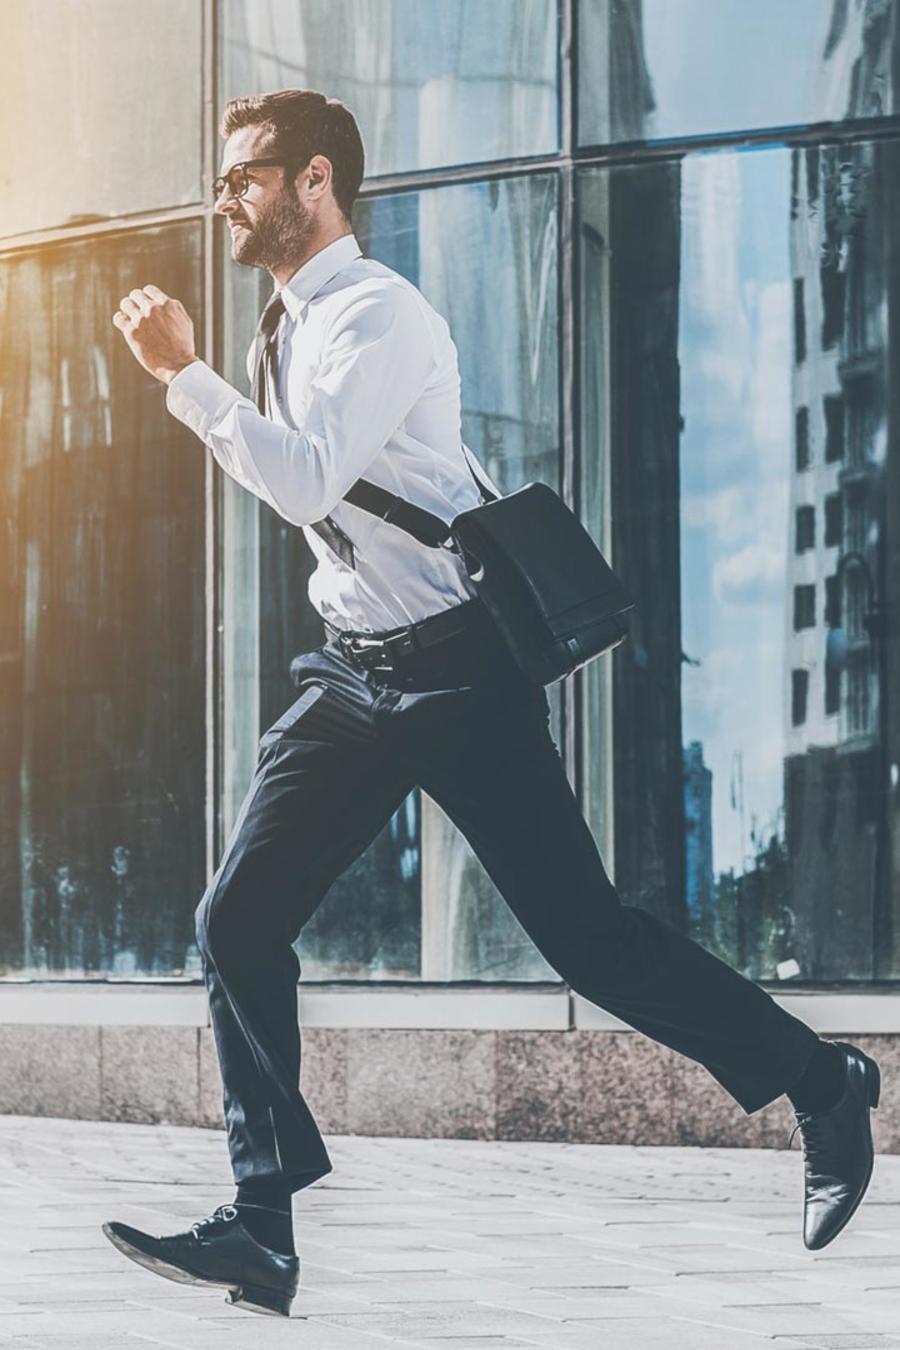 Oficinista corriendo